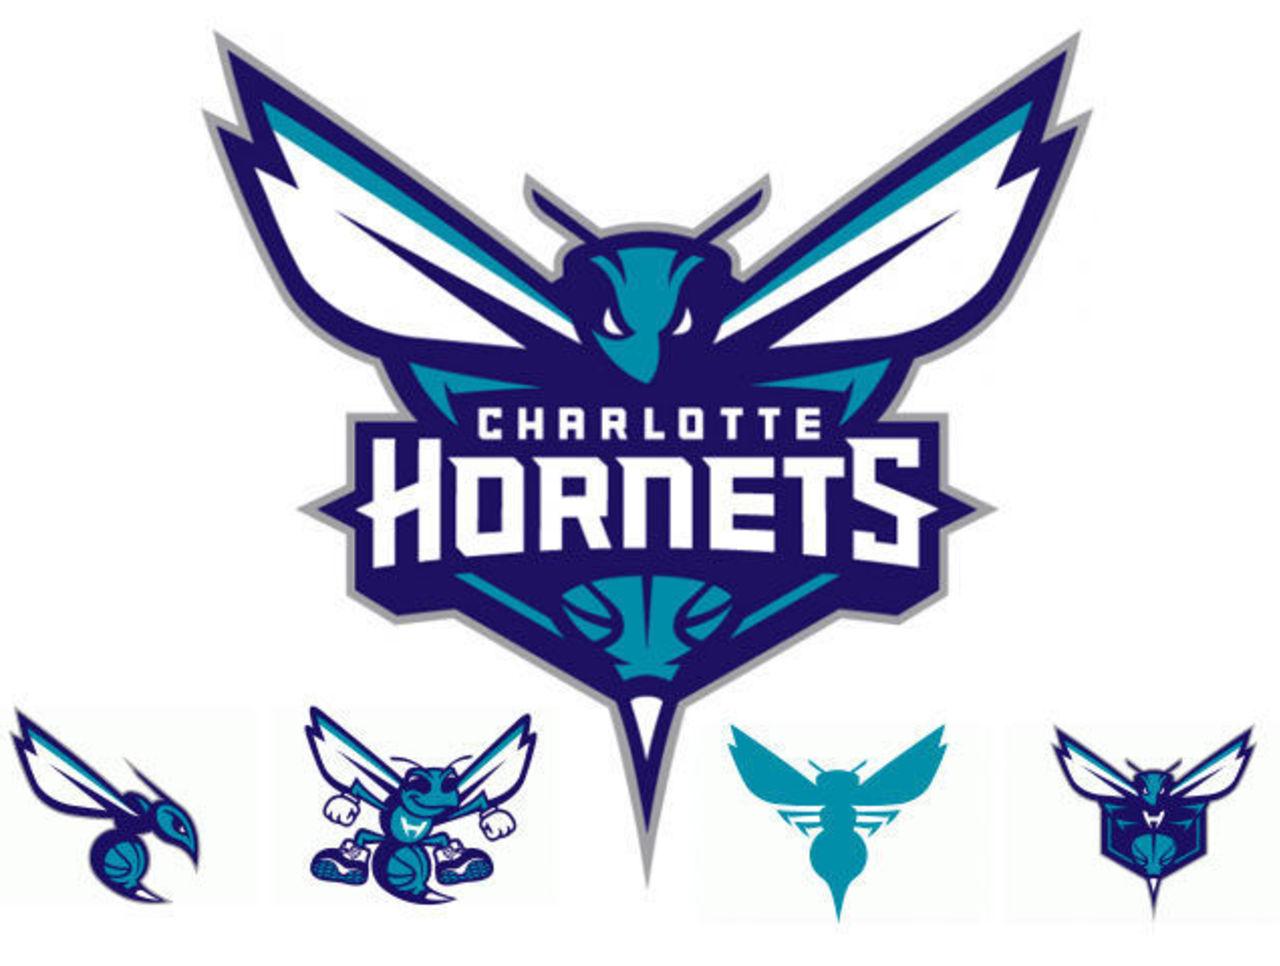 cropped_201312_Charlotte_Hornets_Return.jpg